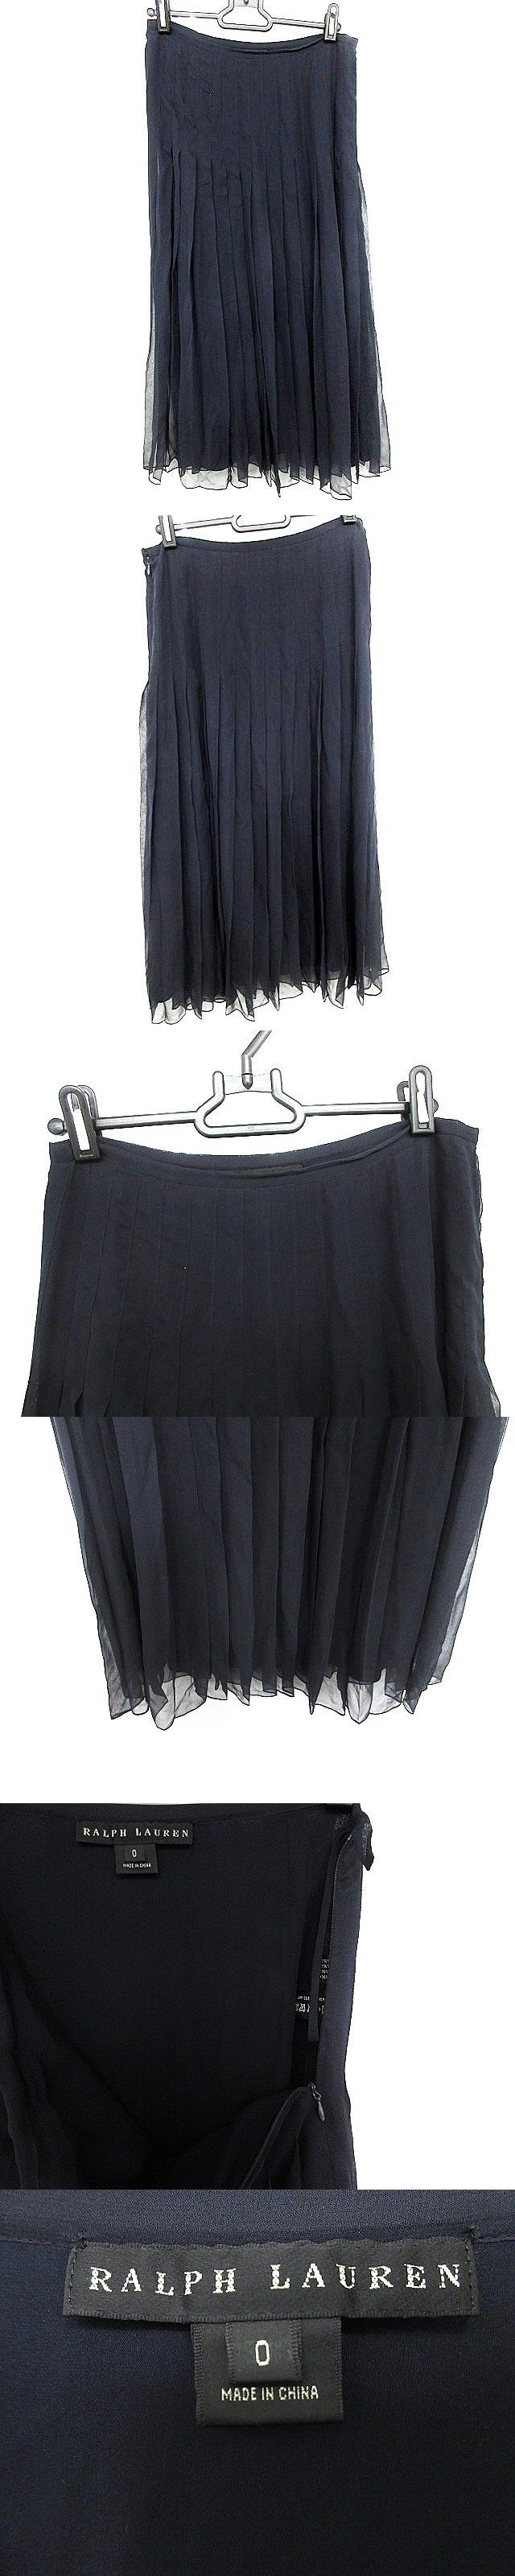 スカート ミモレ ロング プリーツ 0 紺色 ネイビー /AAO6